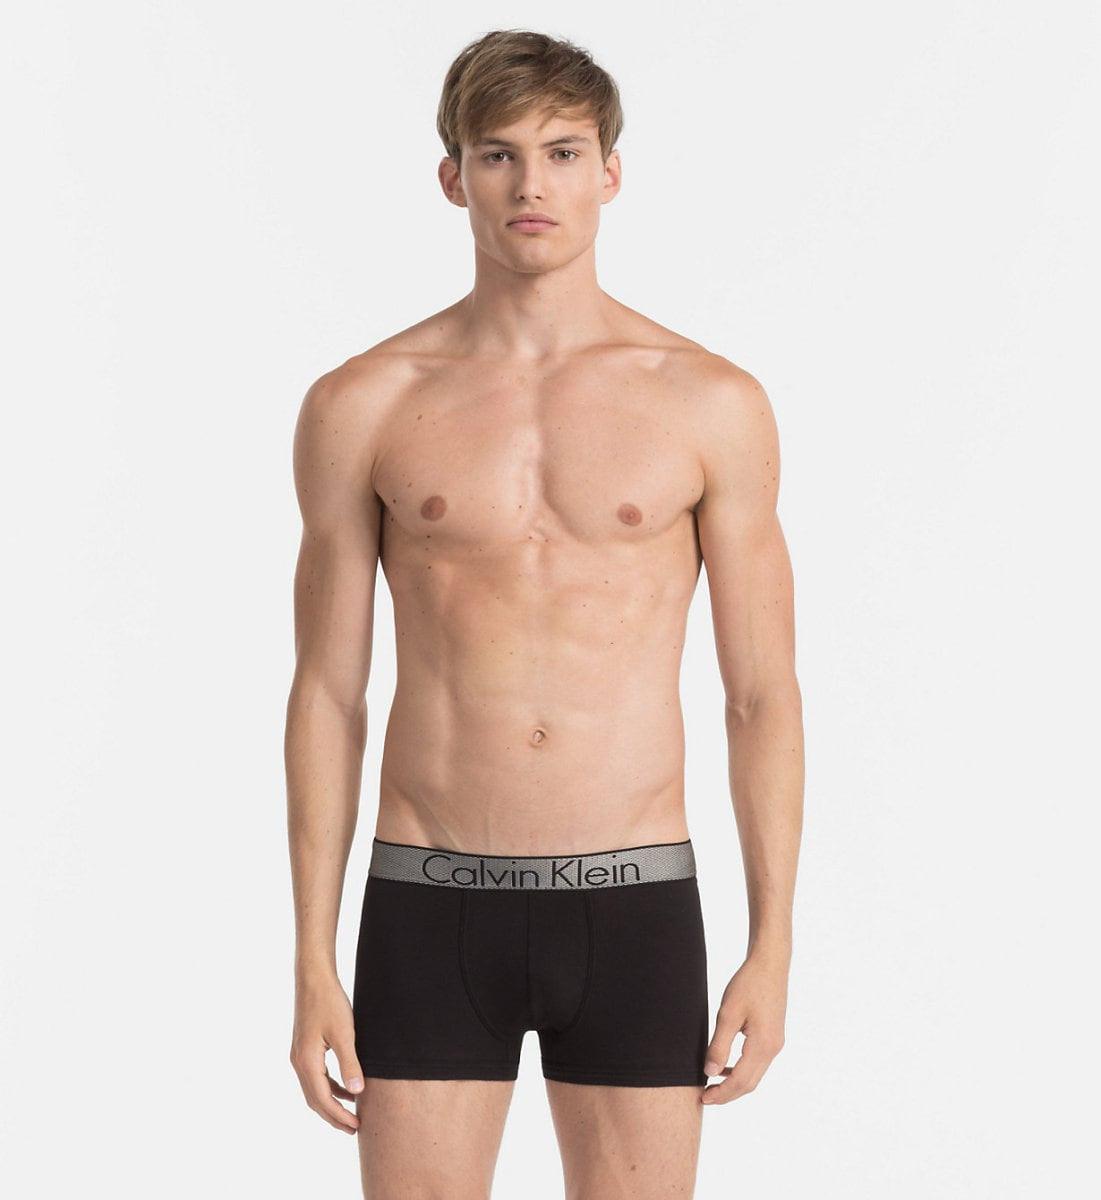 Calvin Klein Calvin Klein pánské boxerky černé